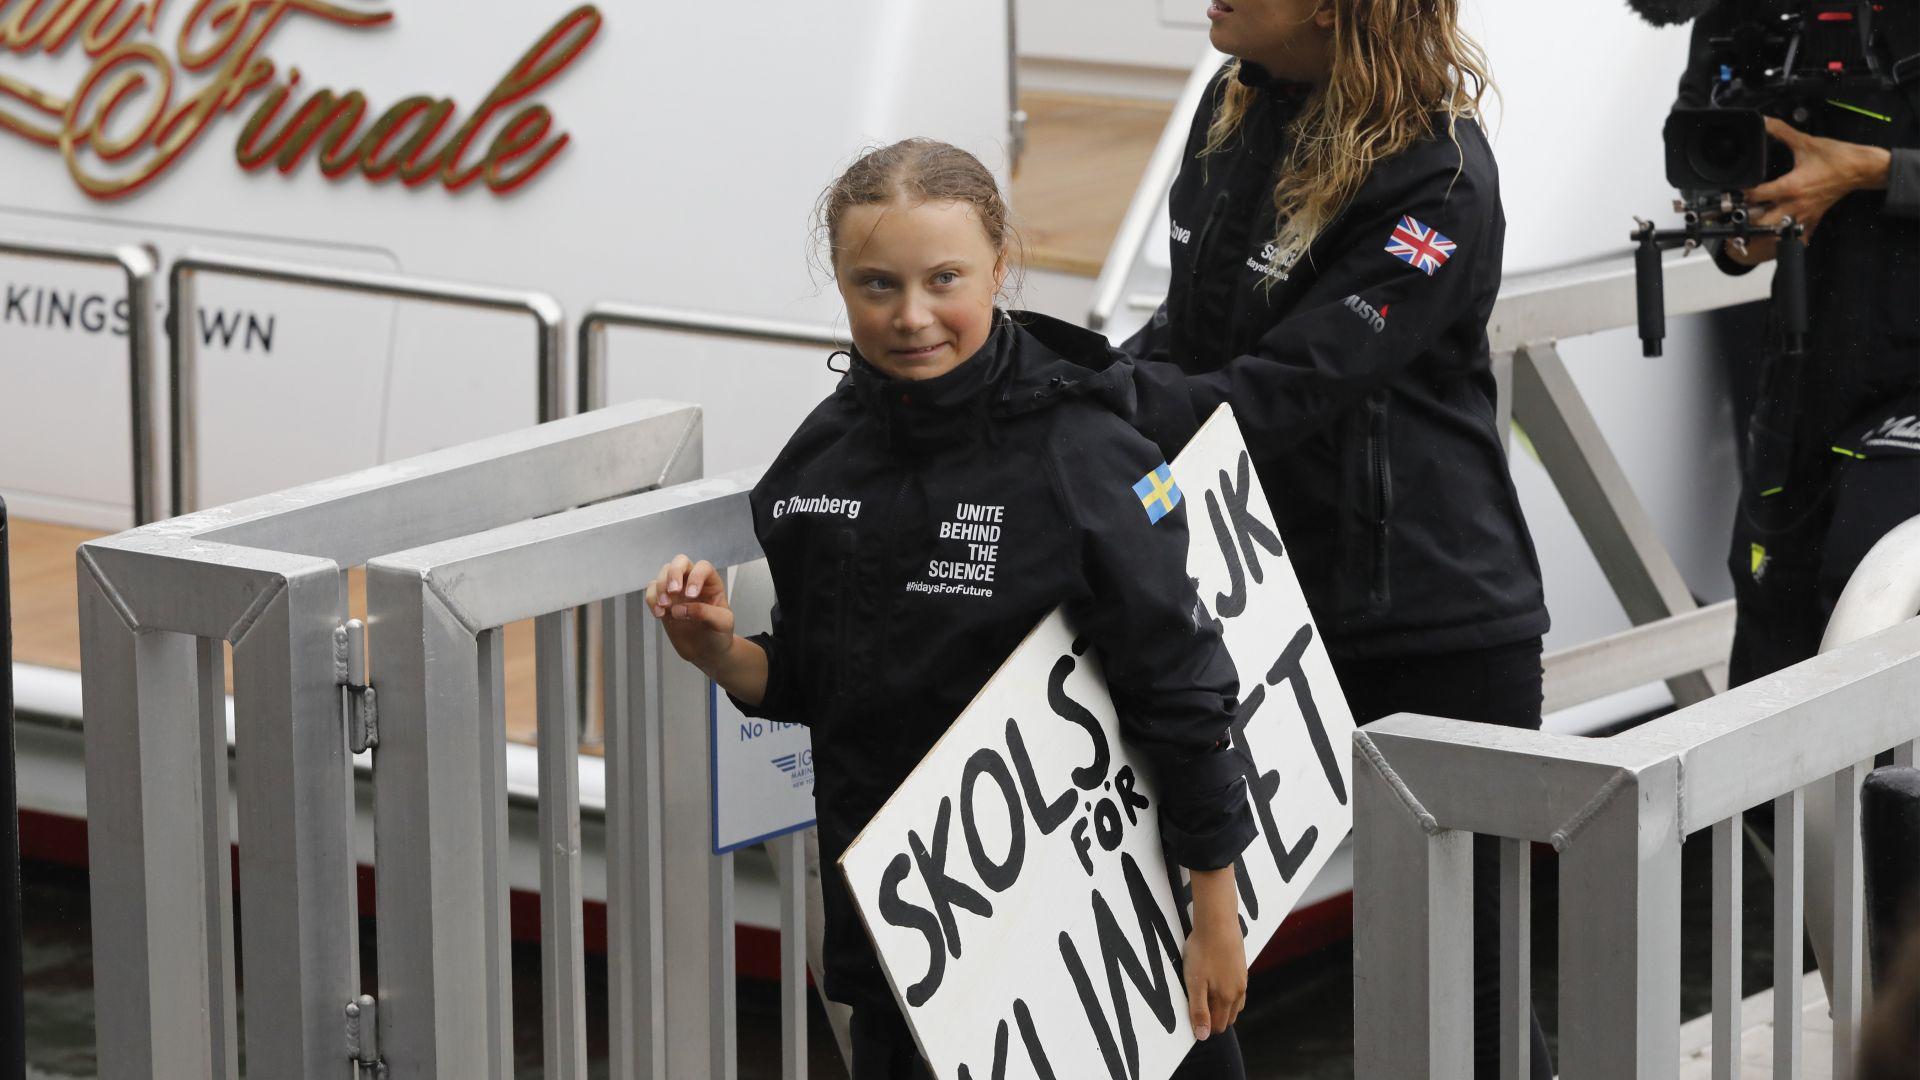 Грета Тумберг пристигна с яхтата си в Ню Йорк: Жалко, че Тръмп не слуша науката